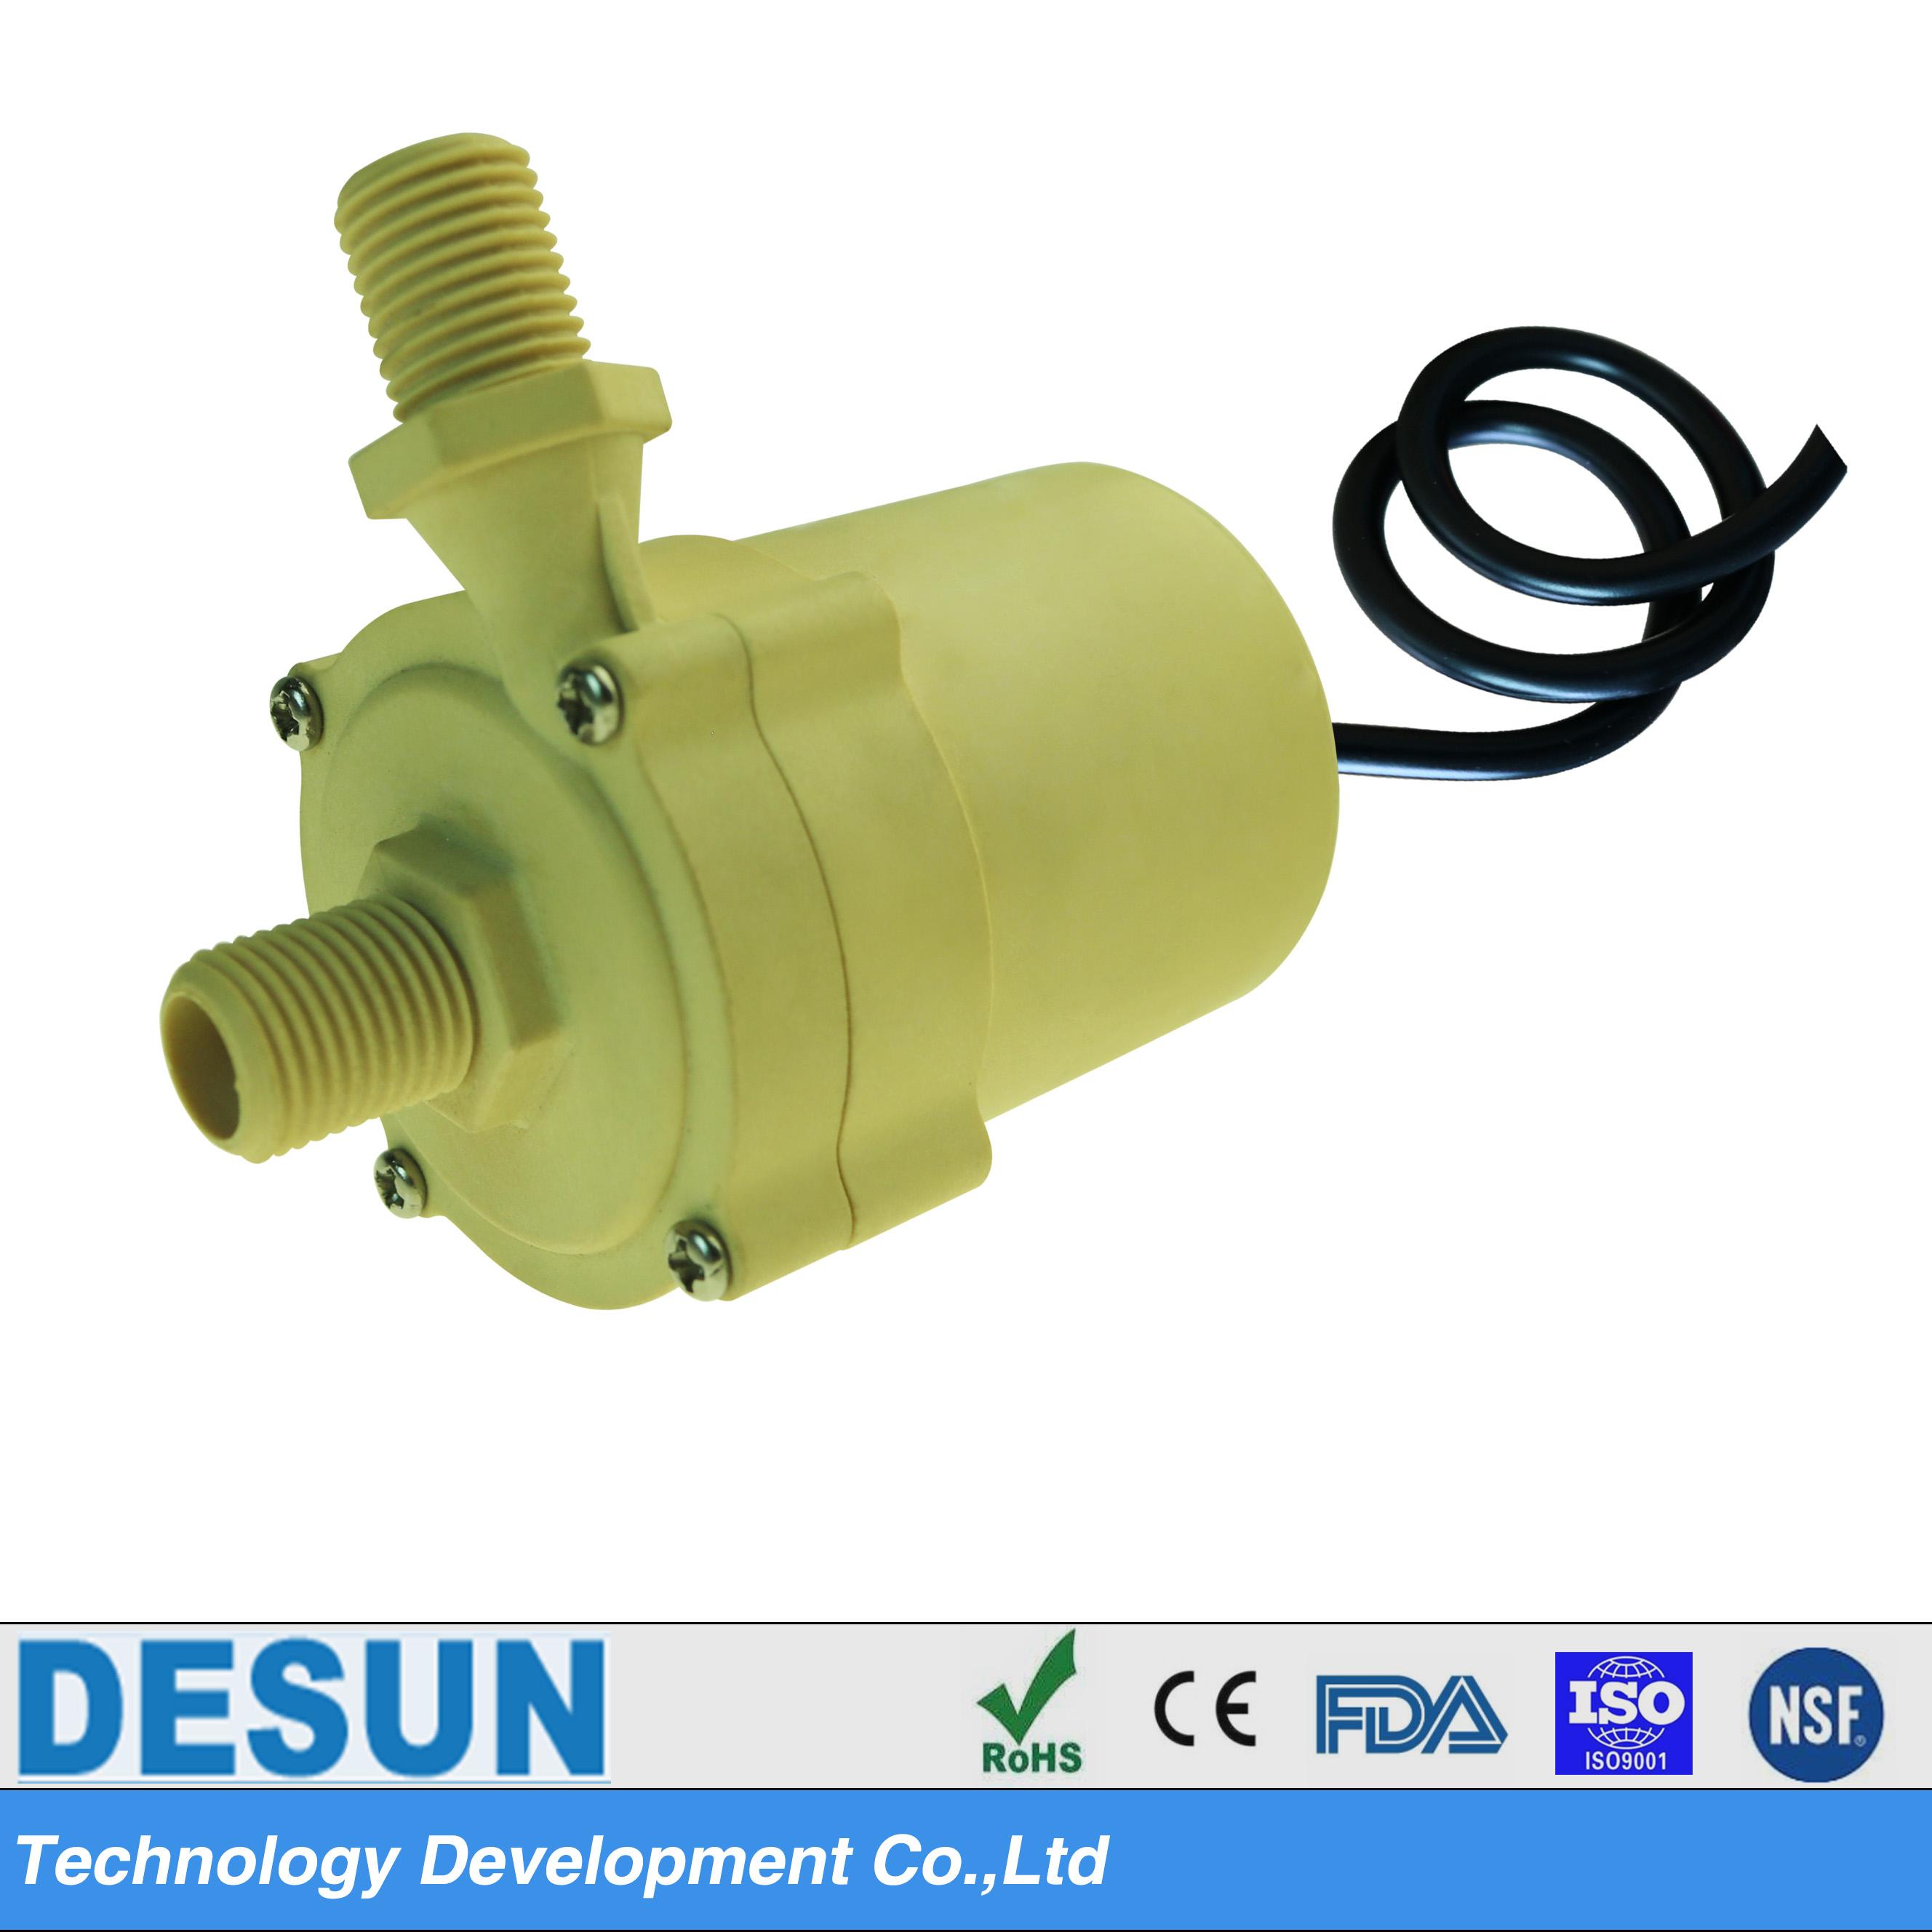 微型直流无刷潜水泵DS4504HF